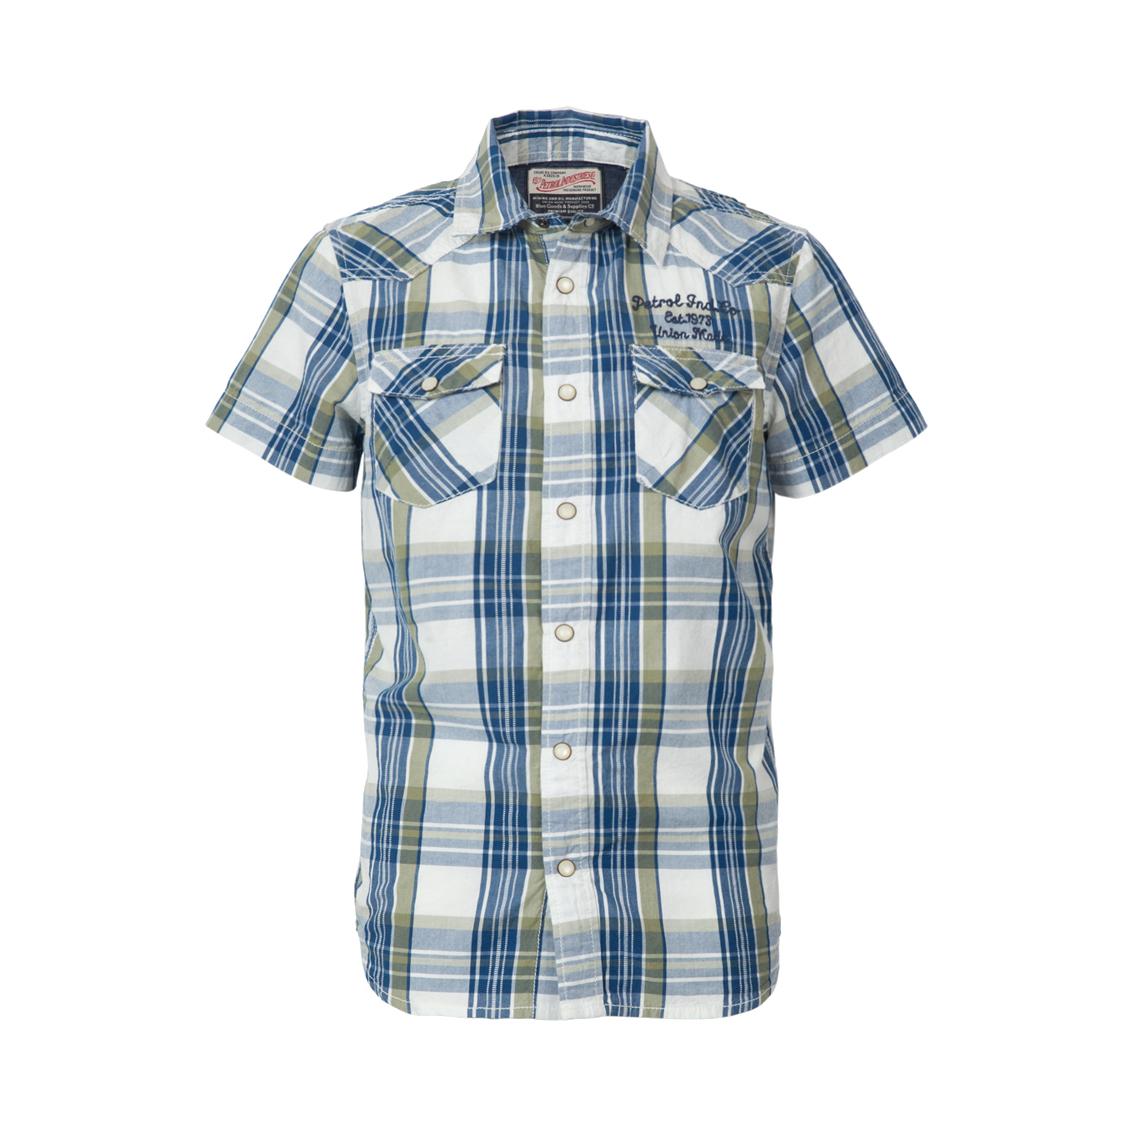 Chemise  en coton à carreaux bleu marine, blancs et verts